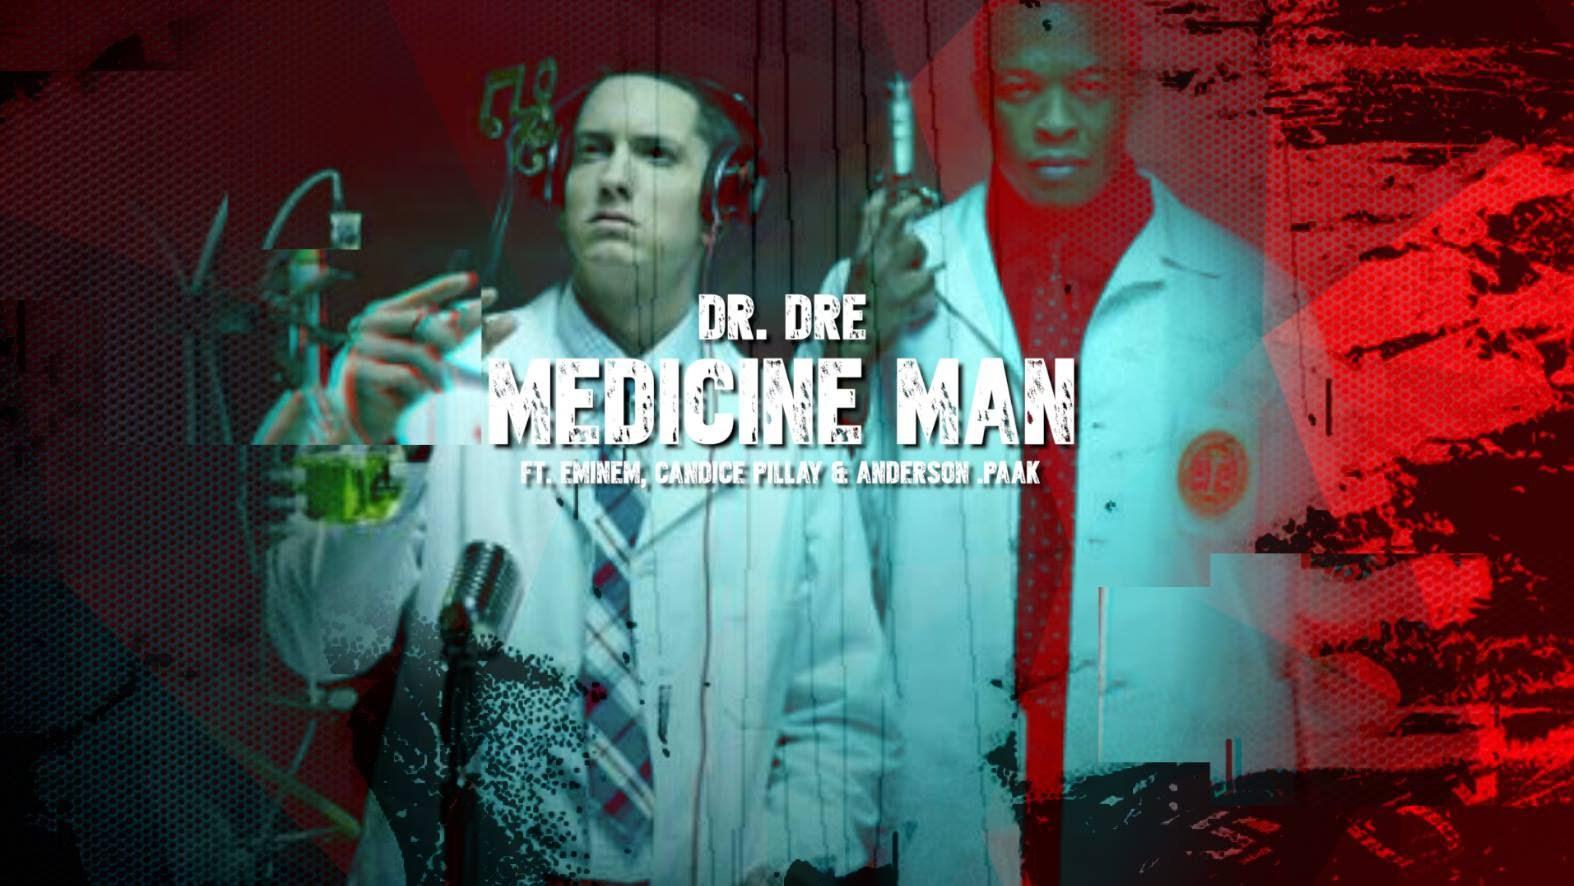 Трек «Medicine Man» от Dr. Dre и Eminem'а мог и не попасть на альбом «Compton»